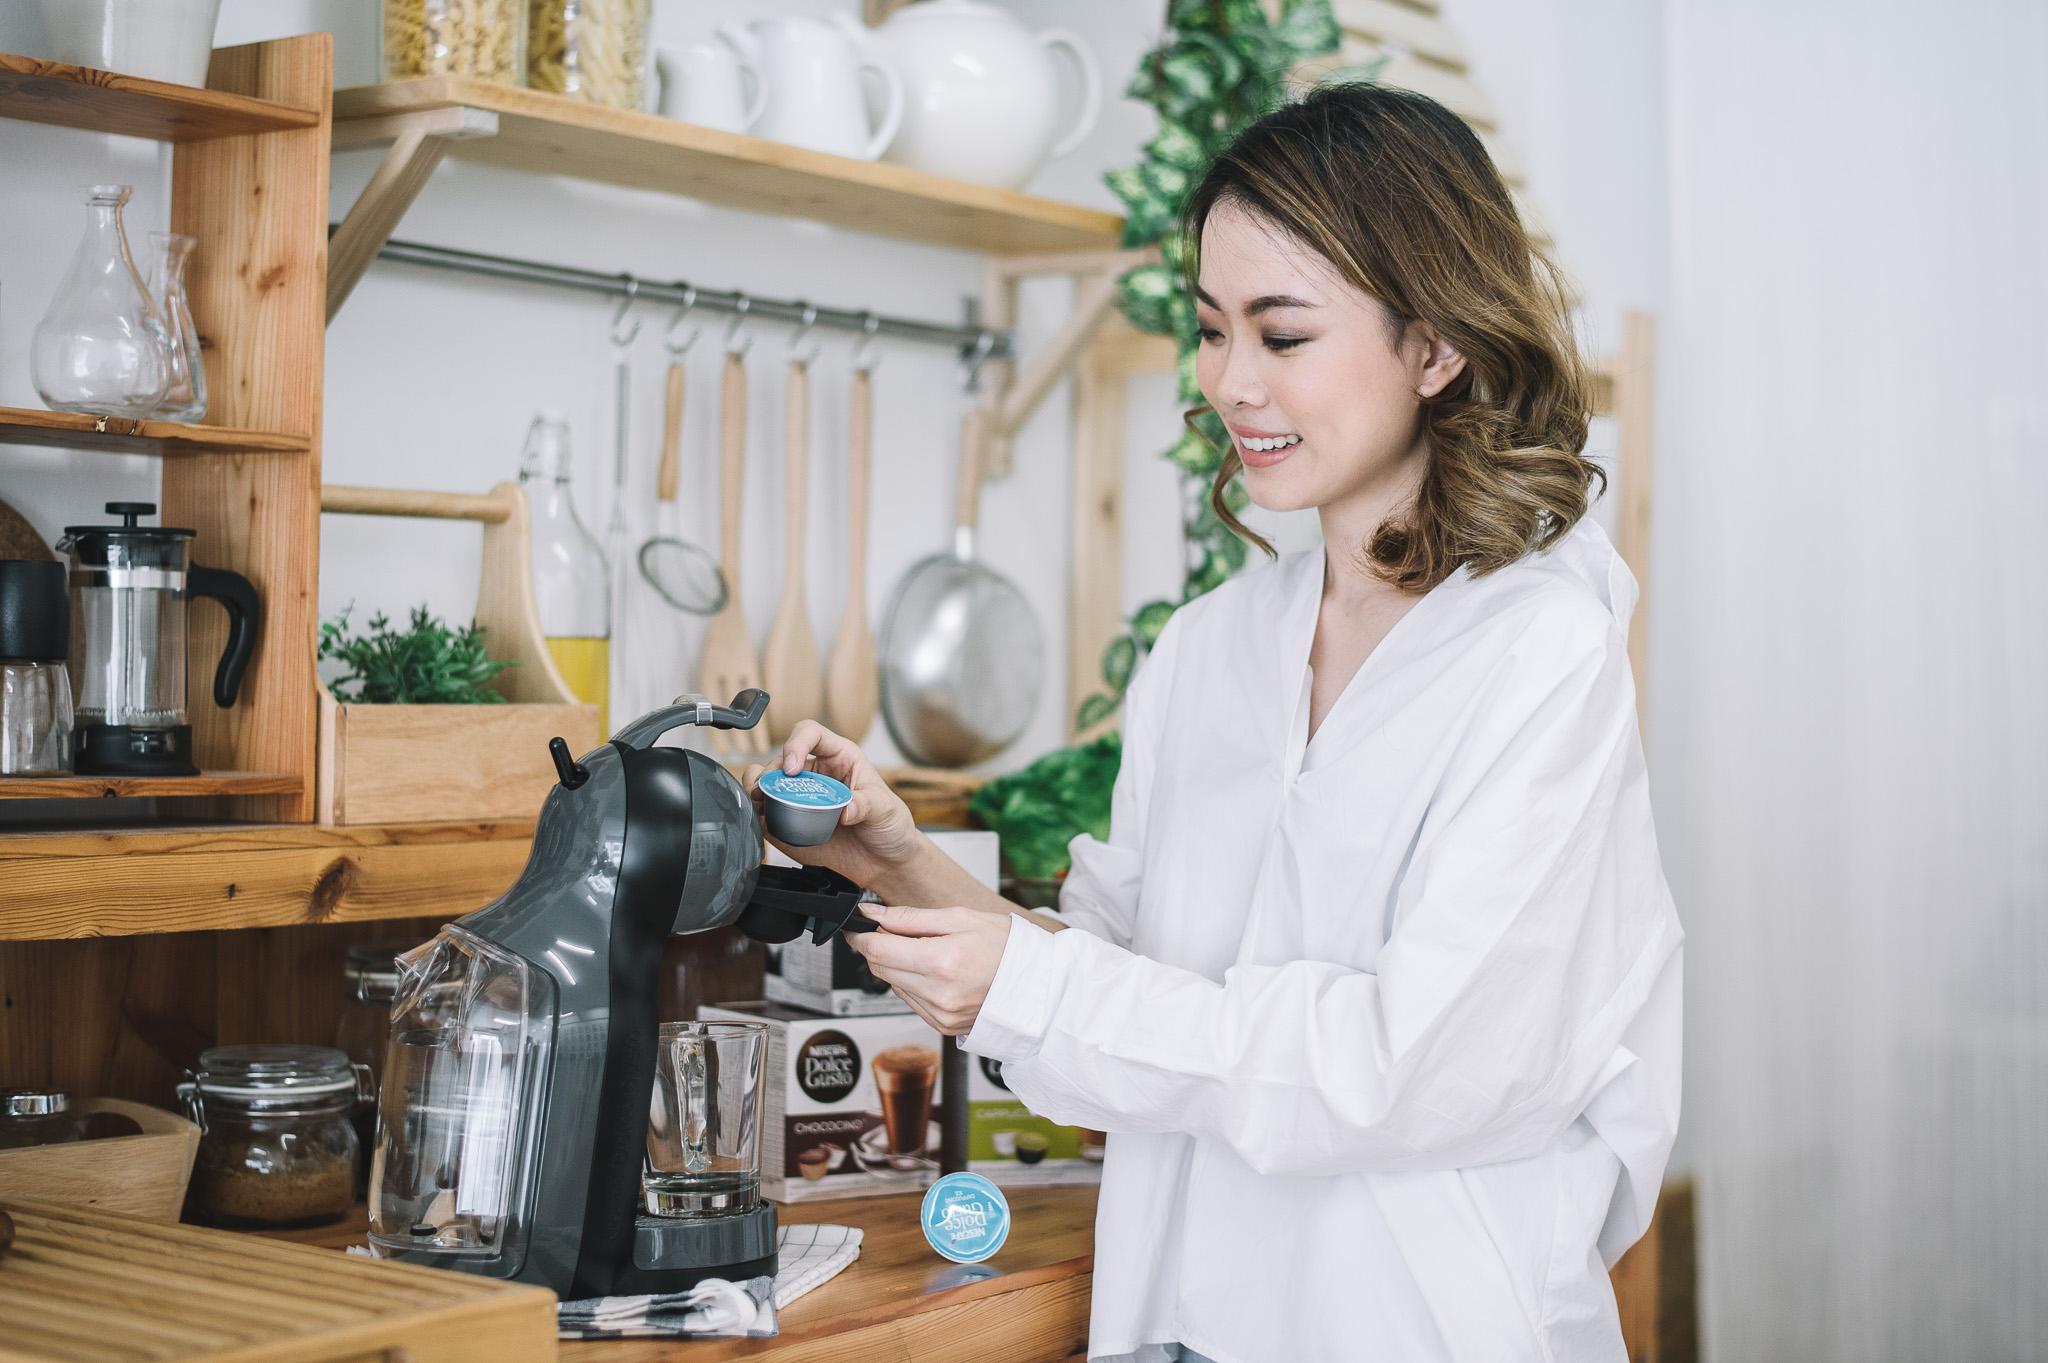 หลายๆคนก็อาจจะสงสัยนะคะ ว่าเครื่องชงกาแฟแบบนี้ทำอย่างไร ต้องบอกเลยนะว่าง่ายมากๆ ไม่จำเป็นต้องมีฝีมืออะไรมากมาย แต่สามารถทำกาแฟที่บ้านได้รสชาติเดียวกับที่ร้าน เพียงแค่ใส่แคปซูลลงไปในเครื่อง แค่นี้ก็ได้แล้วค่ะ โอ้โหไม่น่าเชื่อใช่ไหมล่ะคะแถมยังมีรสชาติให้เลือกกว่า 12 เมนูอีกด้วยค่ะเอาละเจนจะมาโชว์ให้ดูเลยว่าเครื่องชงกาแฟแคปซูลอัตโนมัติ NESCAFÉ Dolce Gusto รุ่น Mini Me ใช้งานยังไงบ้างนะคะ